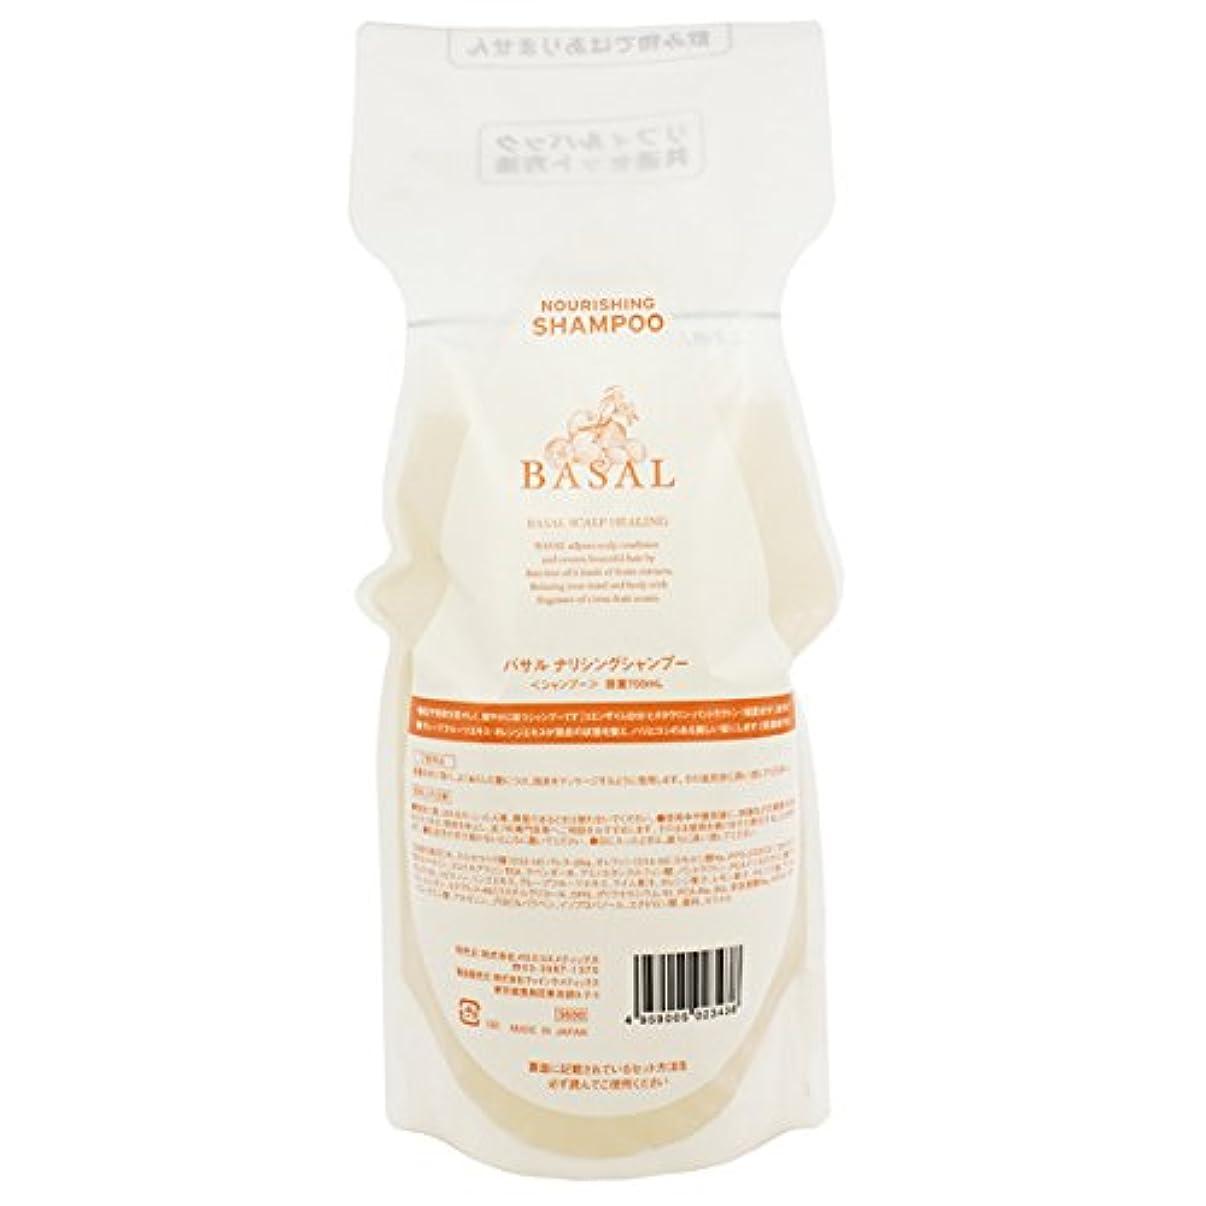 血バイソン乳剤メロス BASAL(バサル) ナリシングシャンプー 700ml